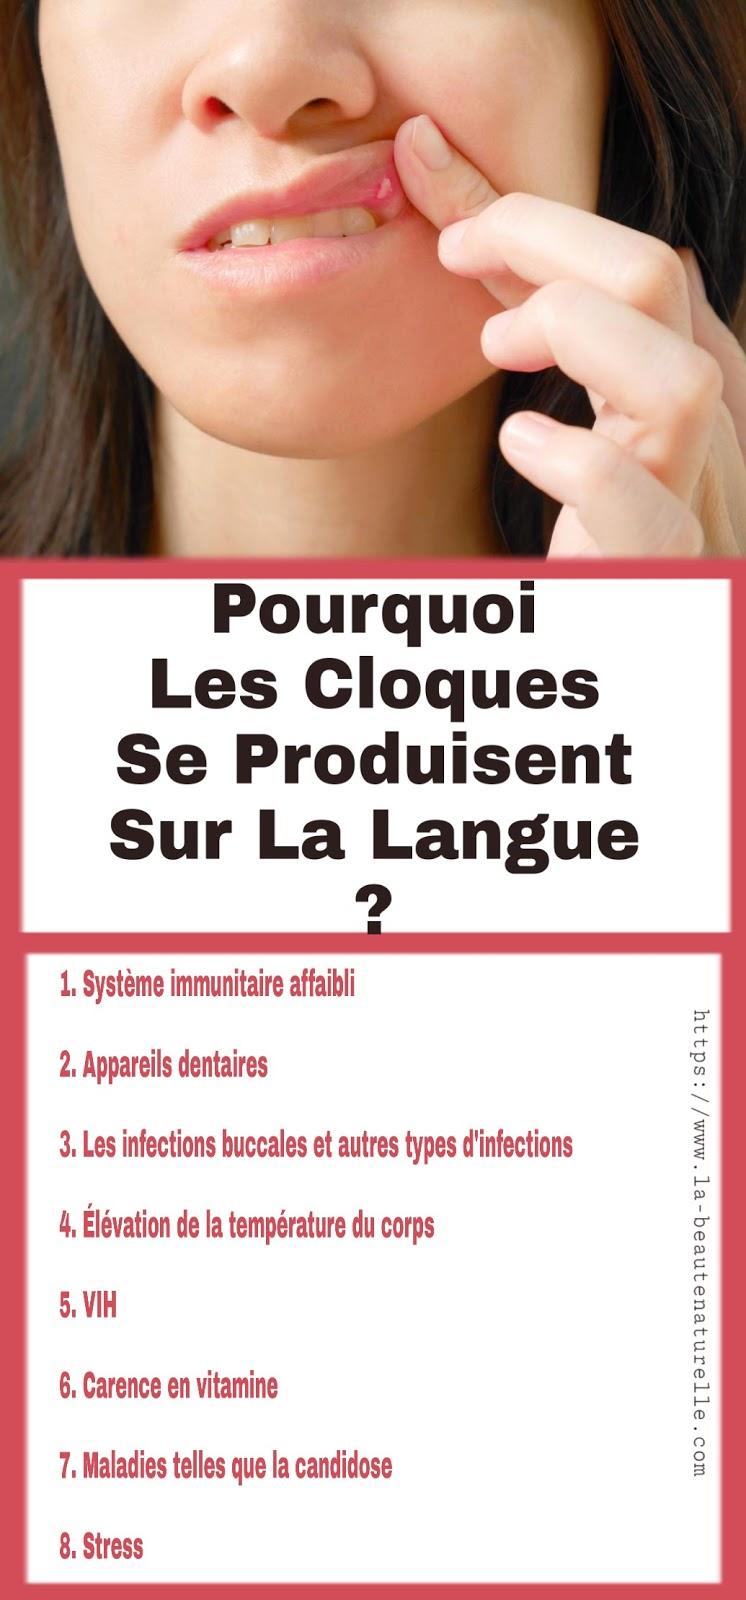 Pourquoi Les Cloques Se Produisent Sur La Langue?